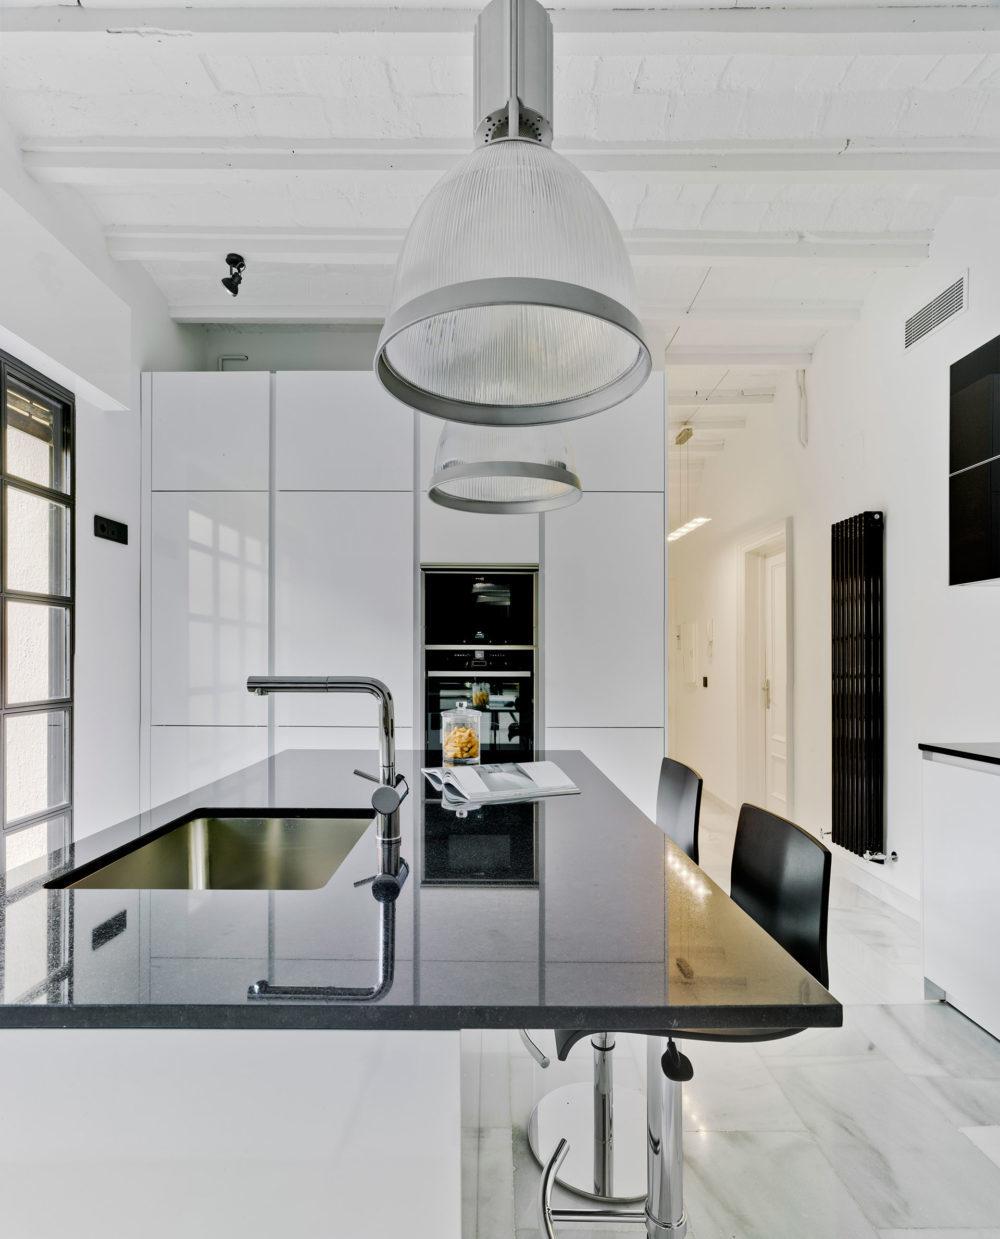 Encimera oscura en cocina blanca moderna